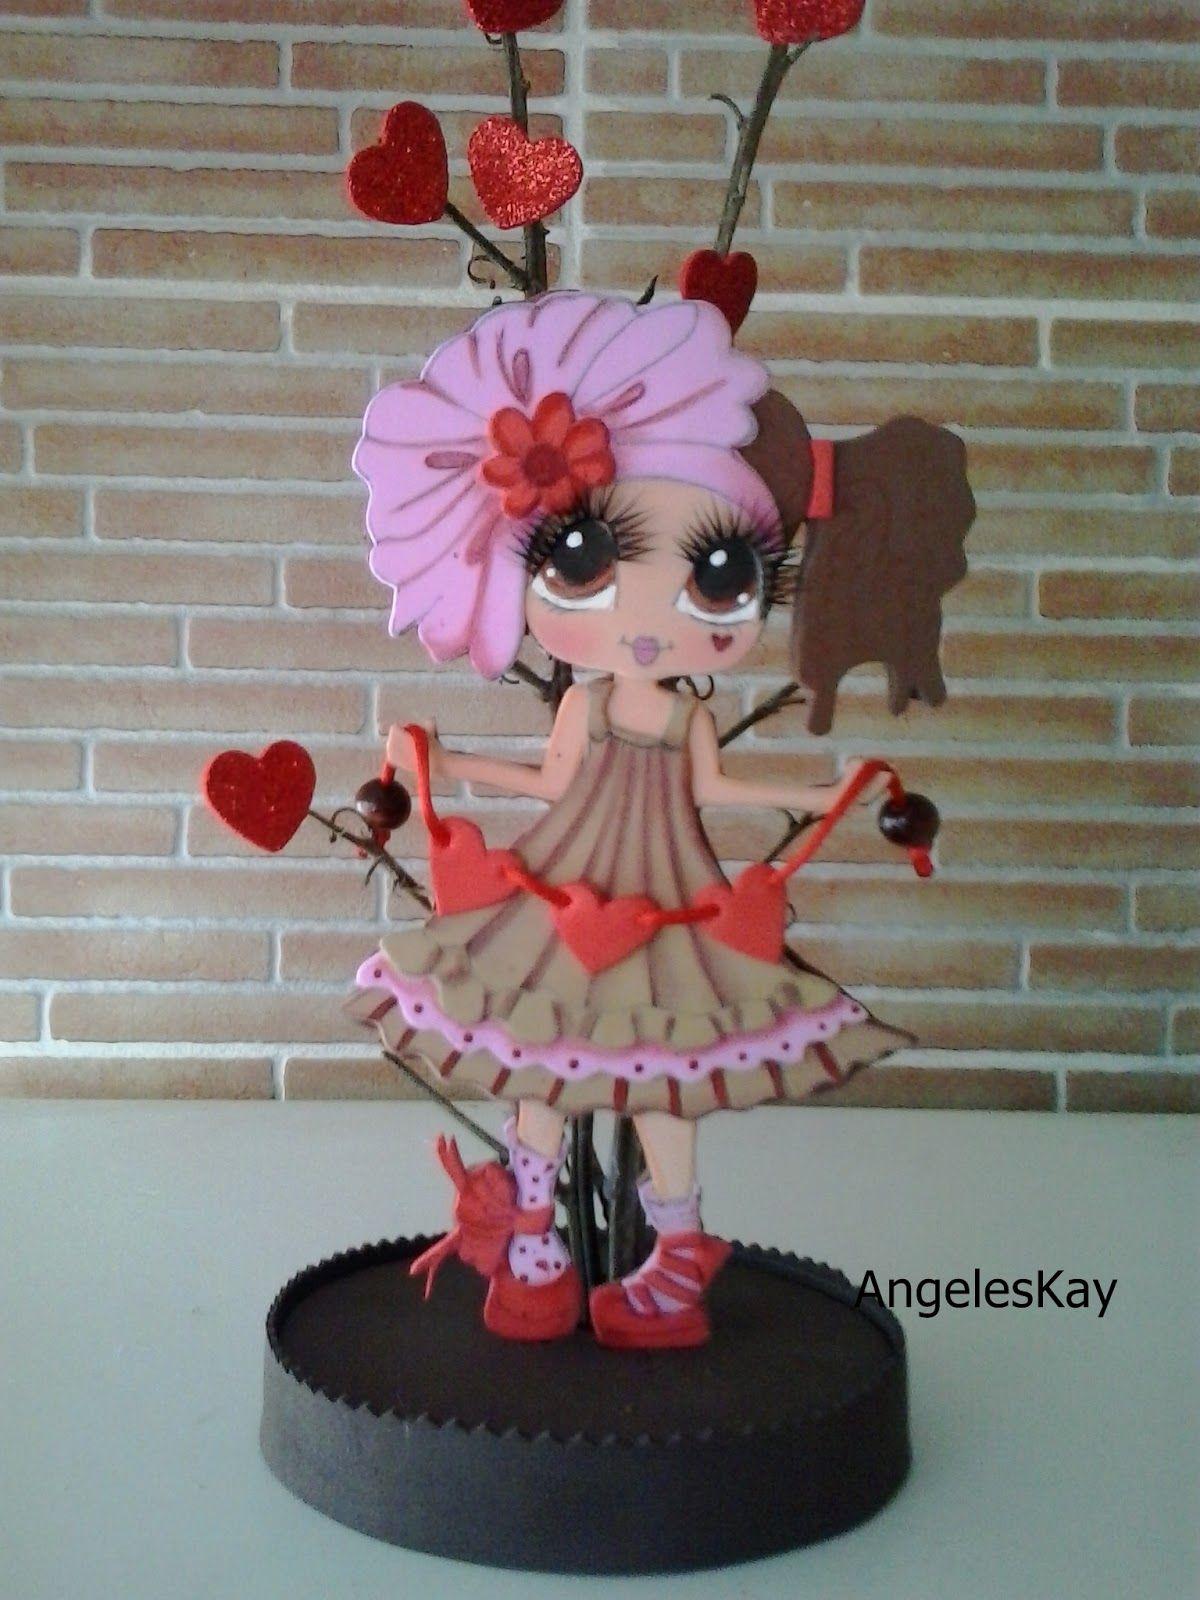 Buenos días amig @s  hoy comparto otra nueva muñequita para el día de los enamorados, creo que quedó graciosa que te parece.            ...